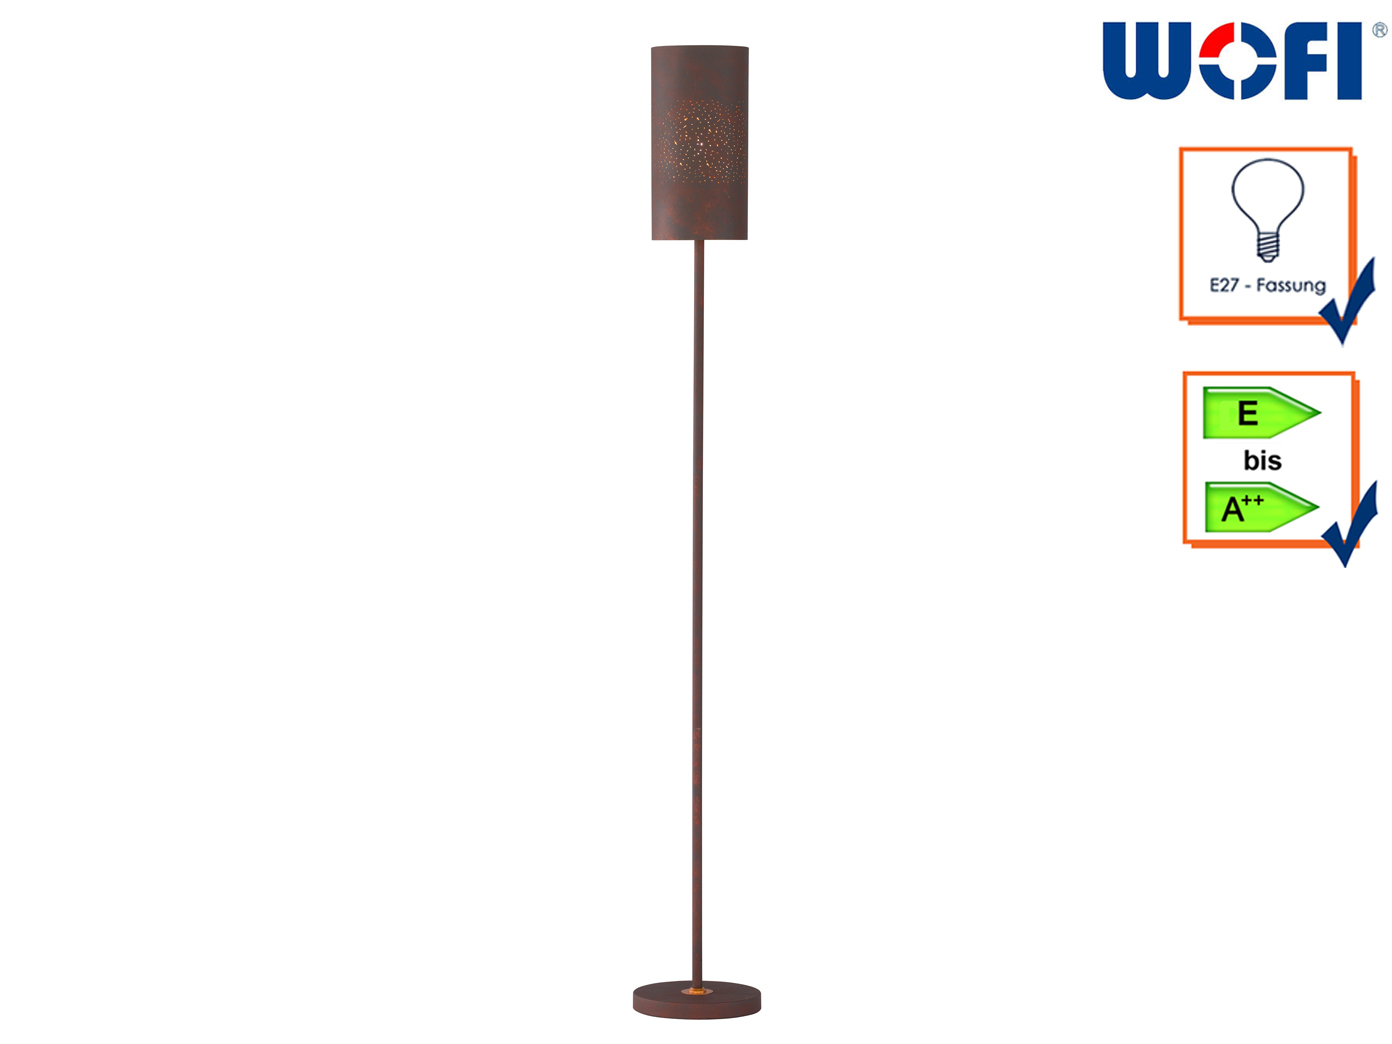 110cm Standlampe Wohnzimmerleuchten Standleuchte Stoffschirm weiß mit Dekor H